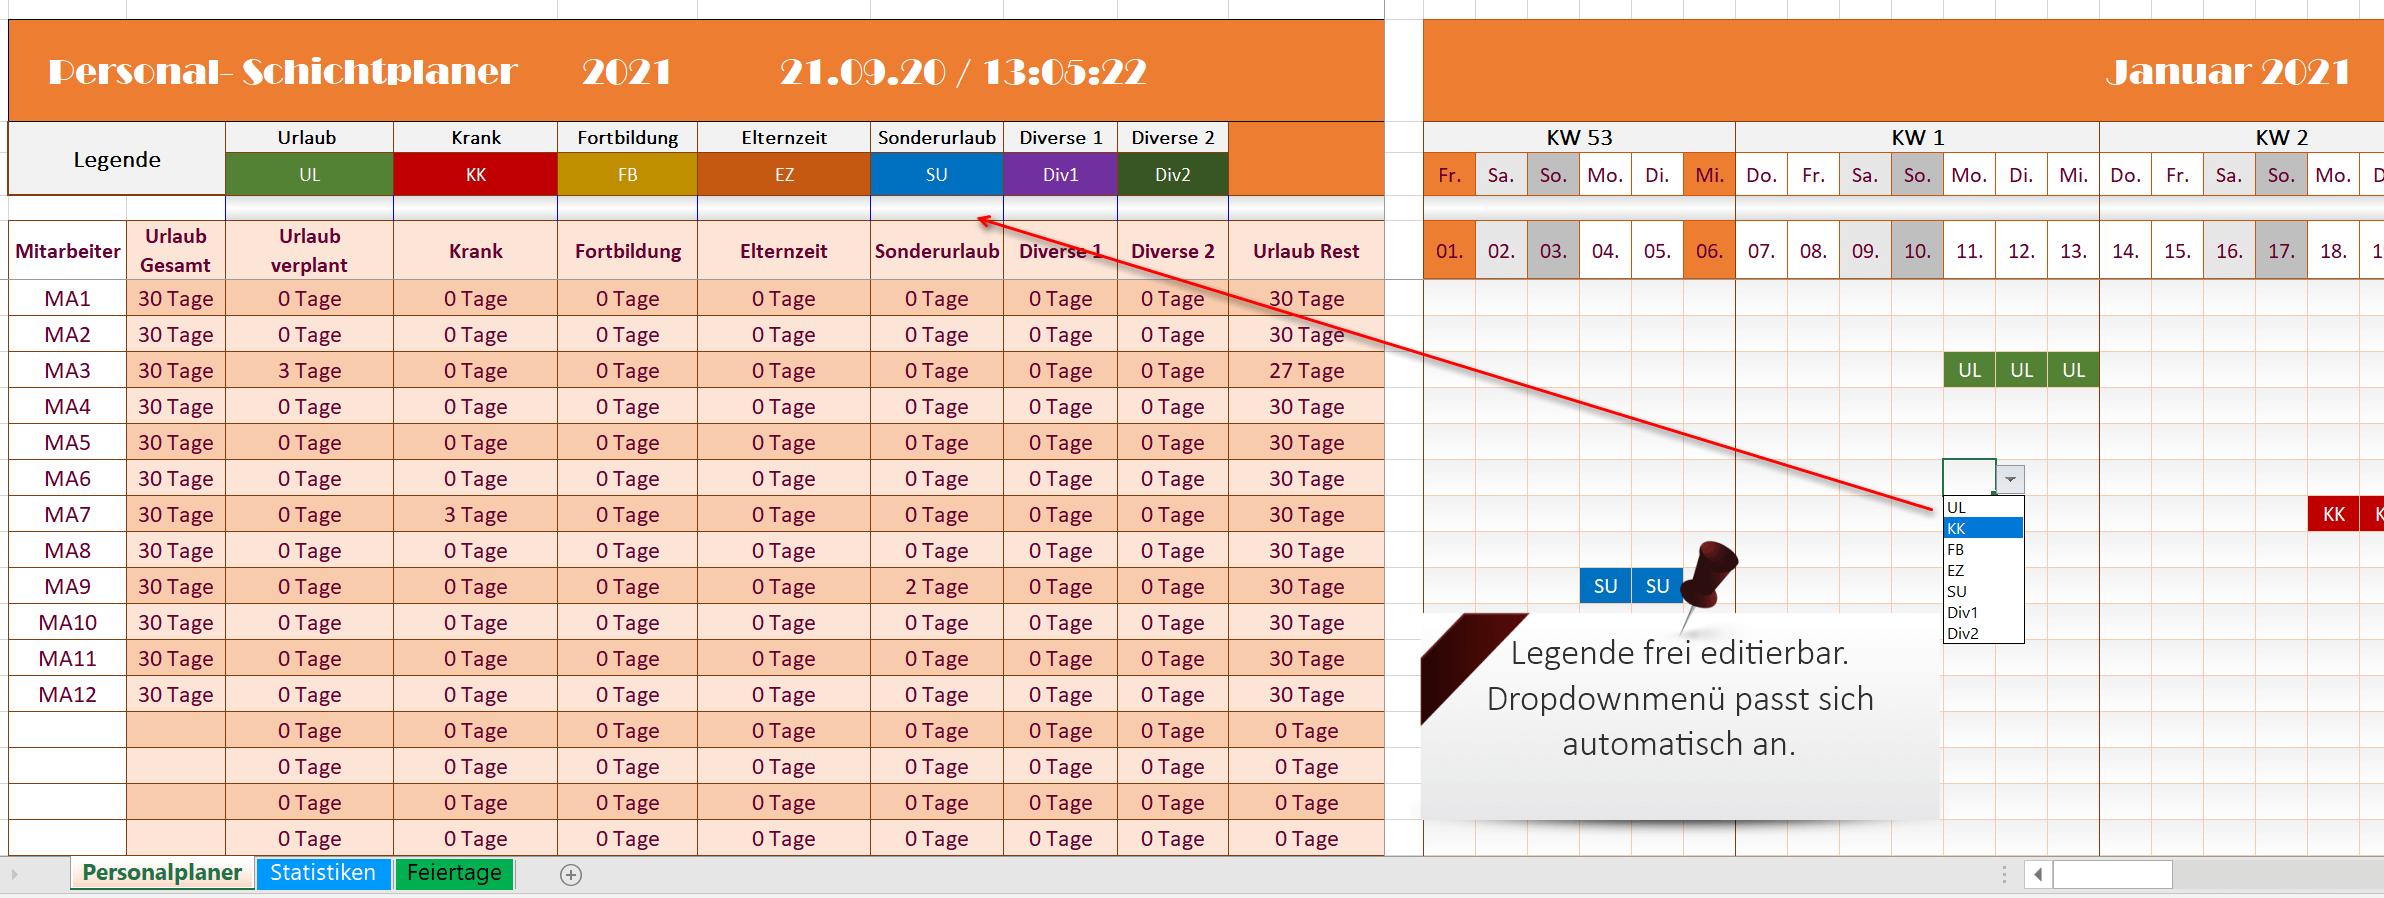 Excel Personalplaner 2021 - Funktionen Ansicht 2